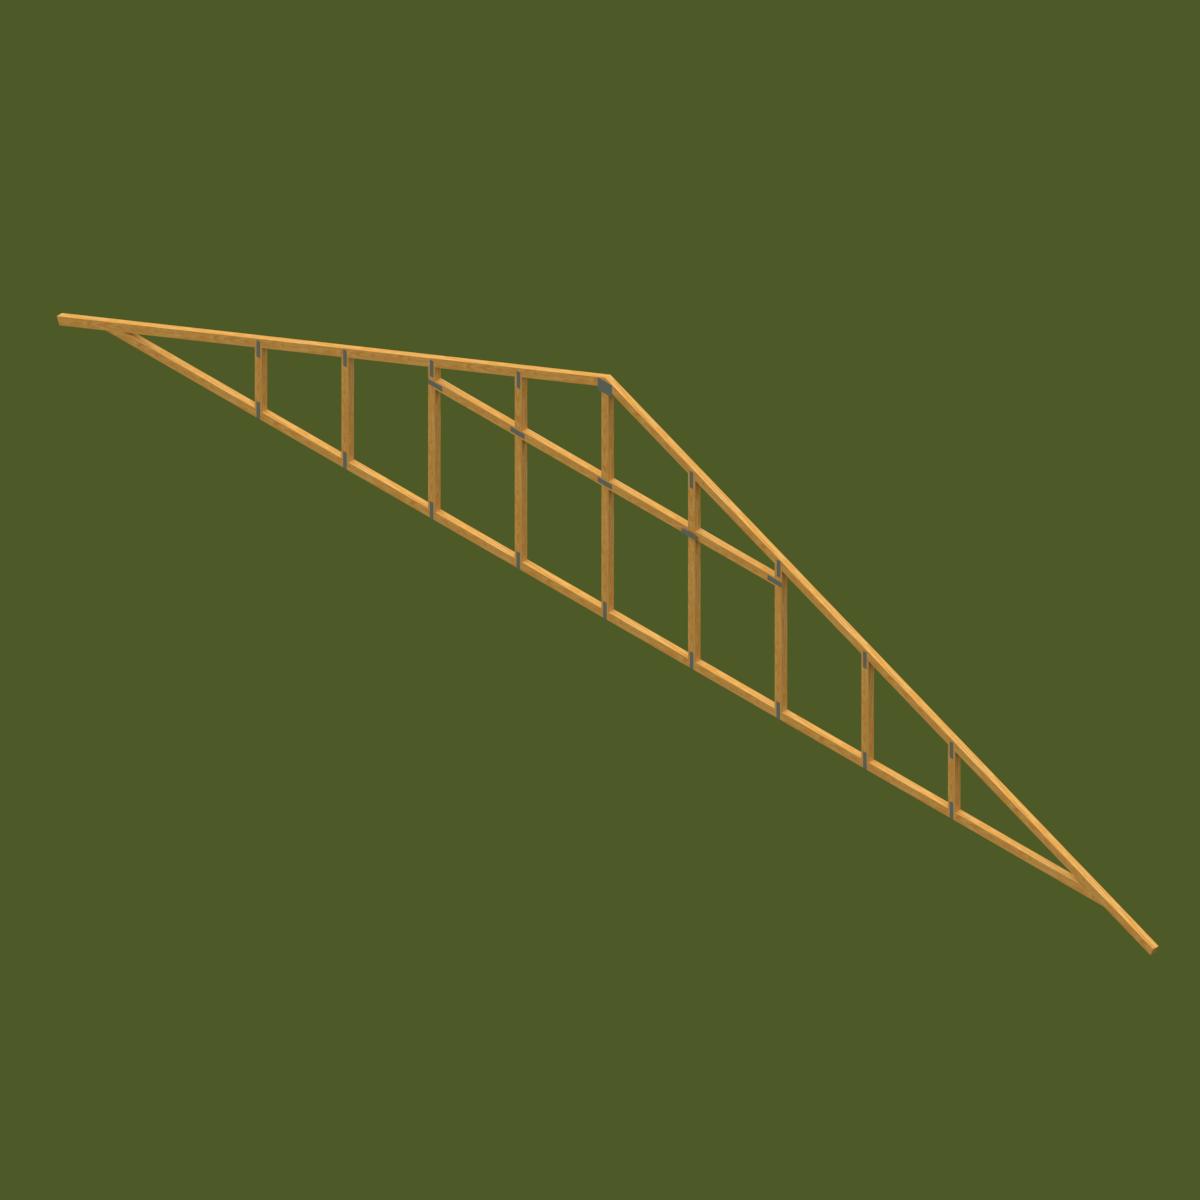 Frontón Prefabricado de Madera de Tecnopanel en BIM